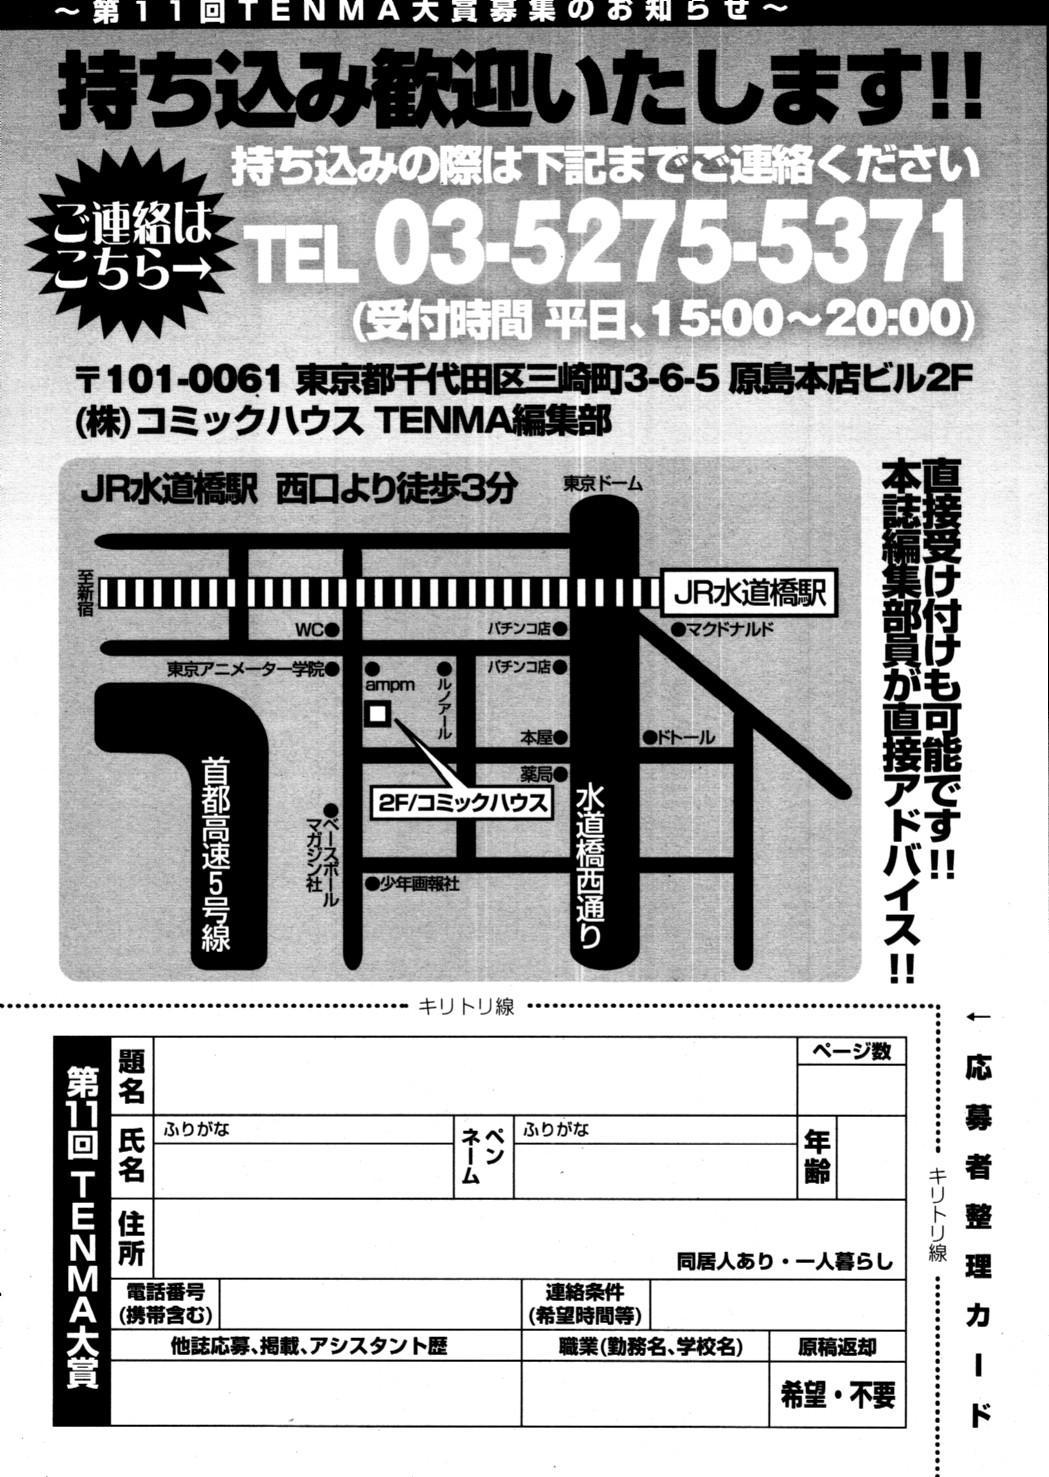 COMIC Tenma 2010-09 419